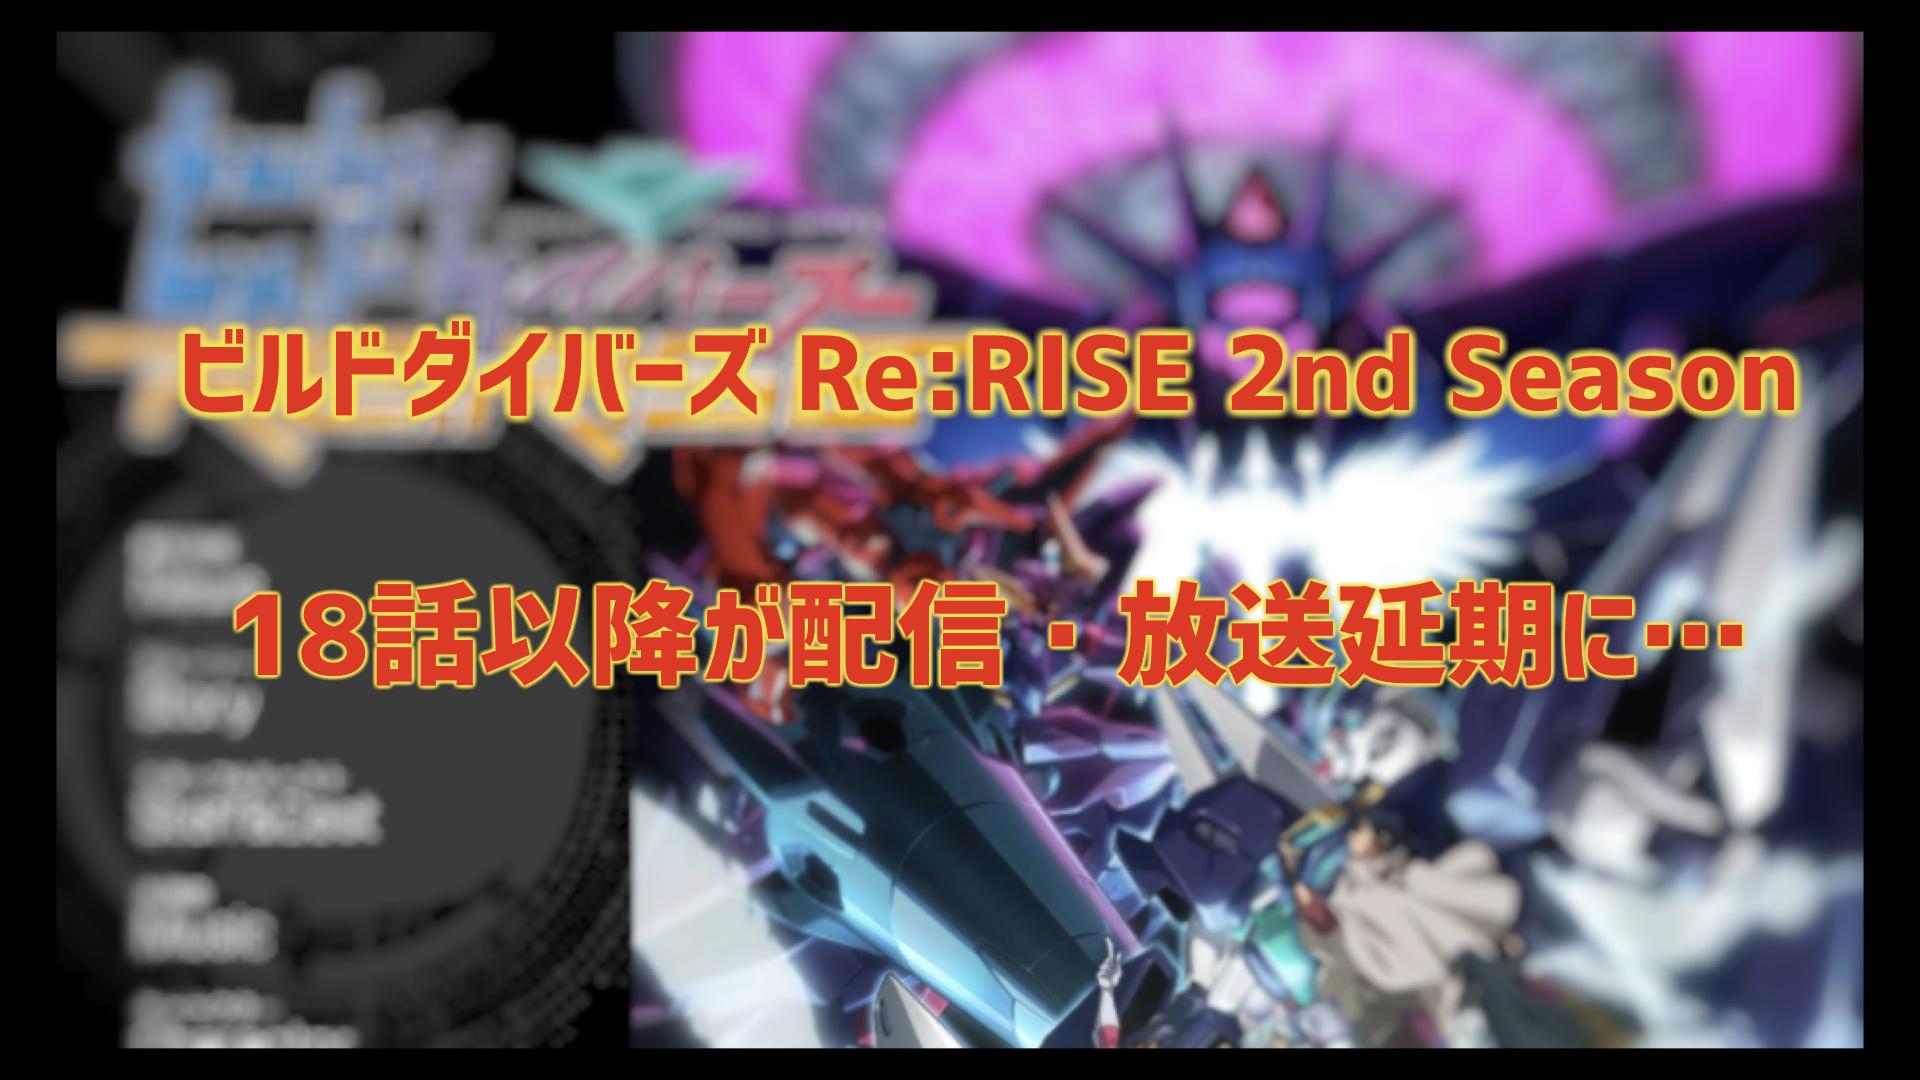 『ガンダムビルドダイバーズRe:RISE』5/14日からの配信・放送が延期。